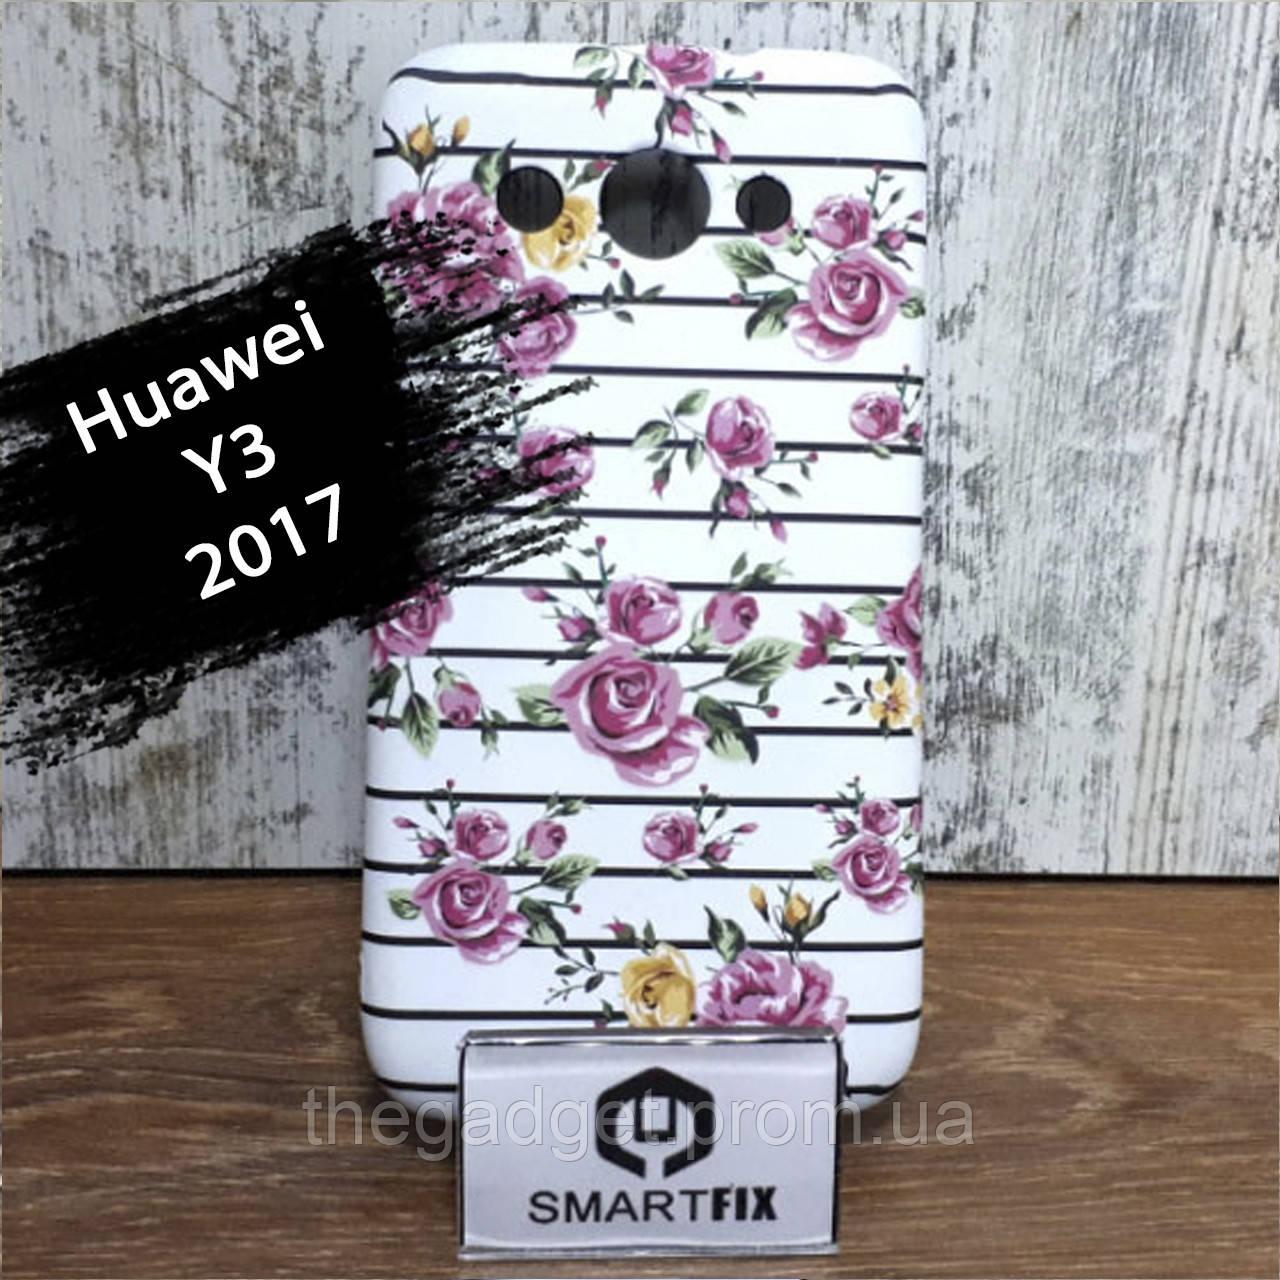 Чехол с рисунком для Huawei Y3 (2017) (CRO-U00)